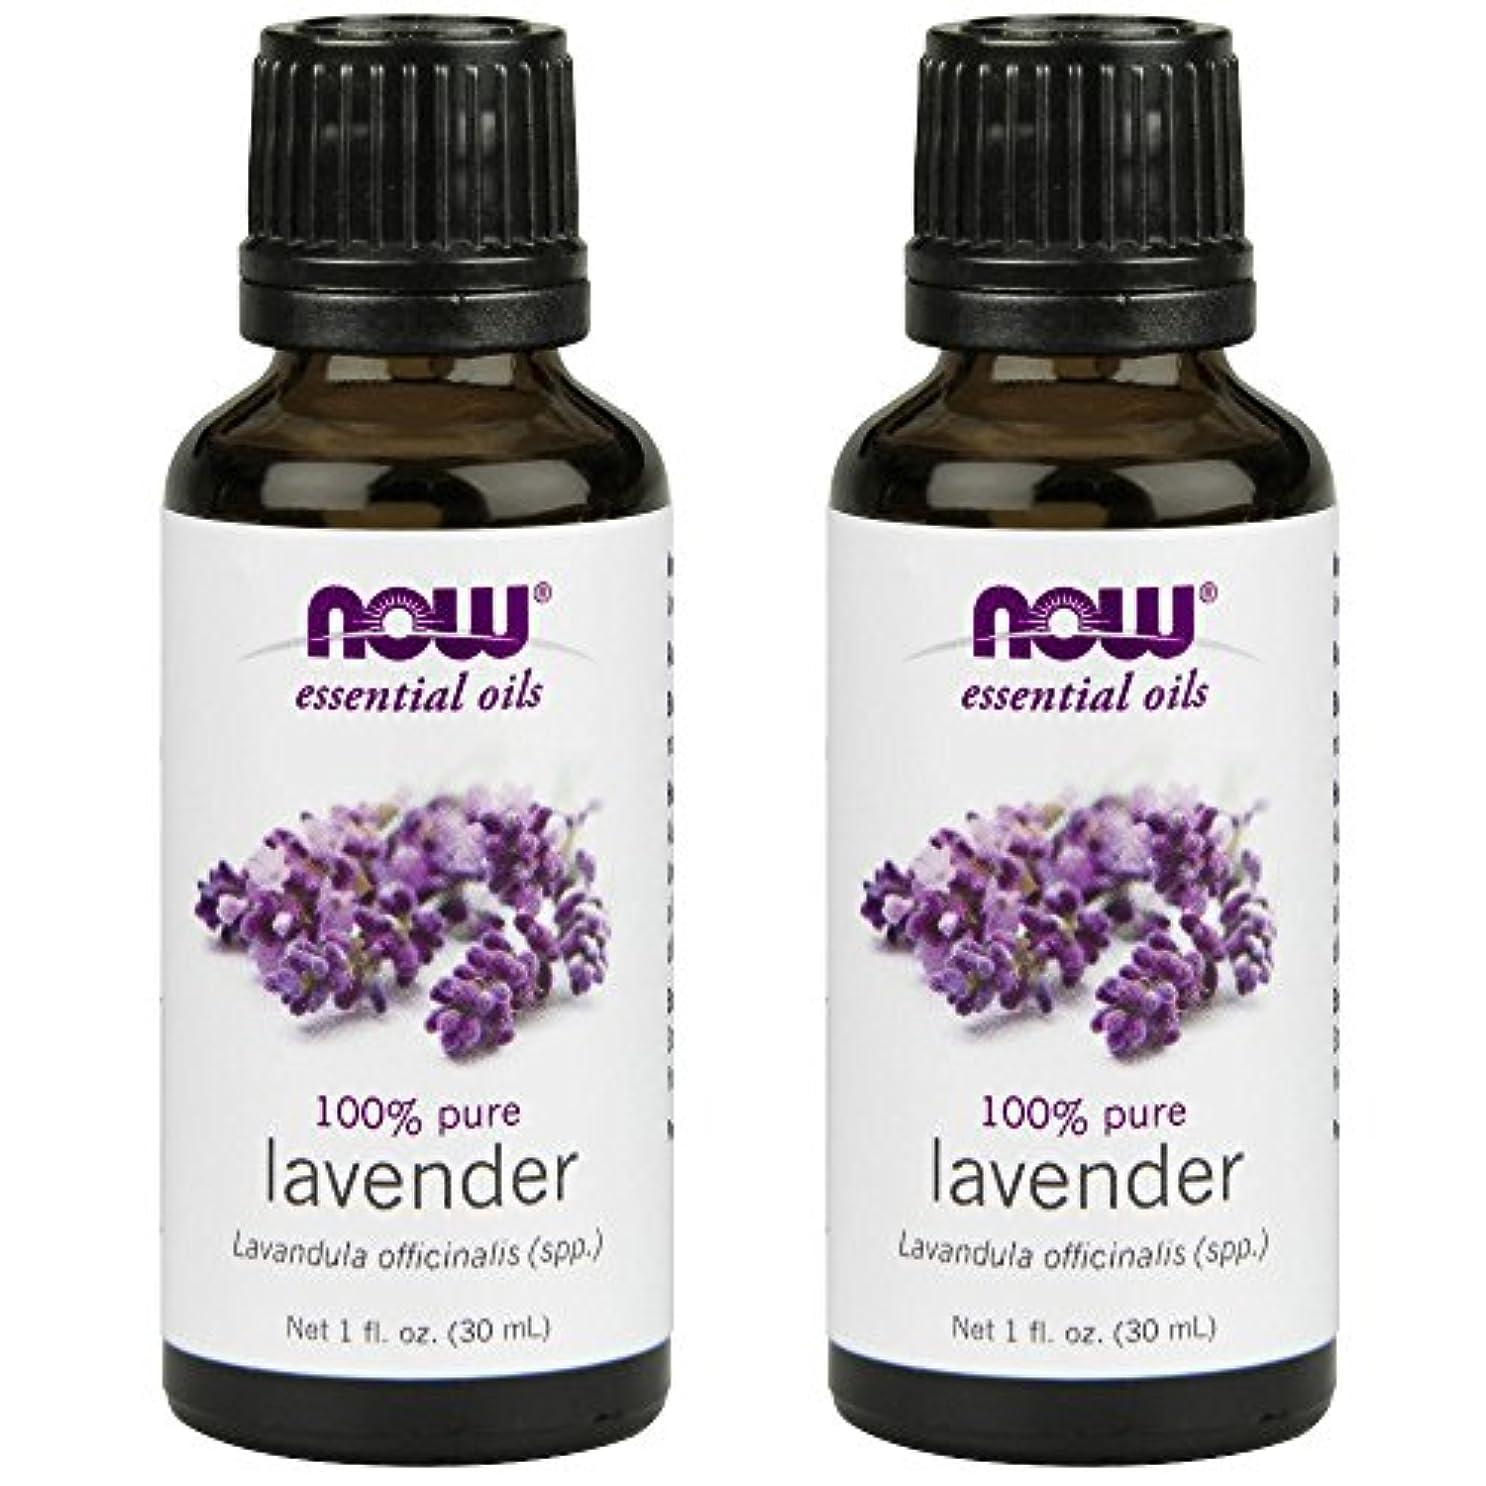 優れました作曲家金属エッセンシャルオイル ラベンダーオイル 30ml 2個セット ナウフーズ 並行輸入品 NOW Foods Essential Oils Lavender 1 oz Pack of 2